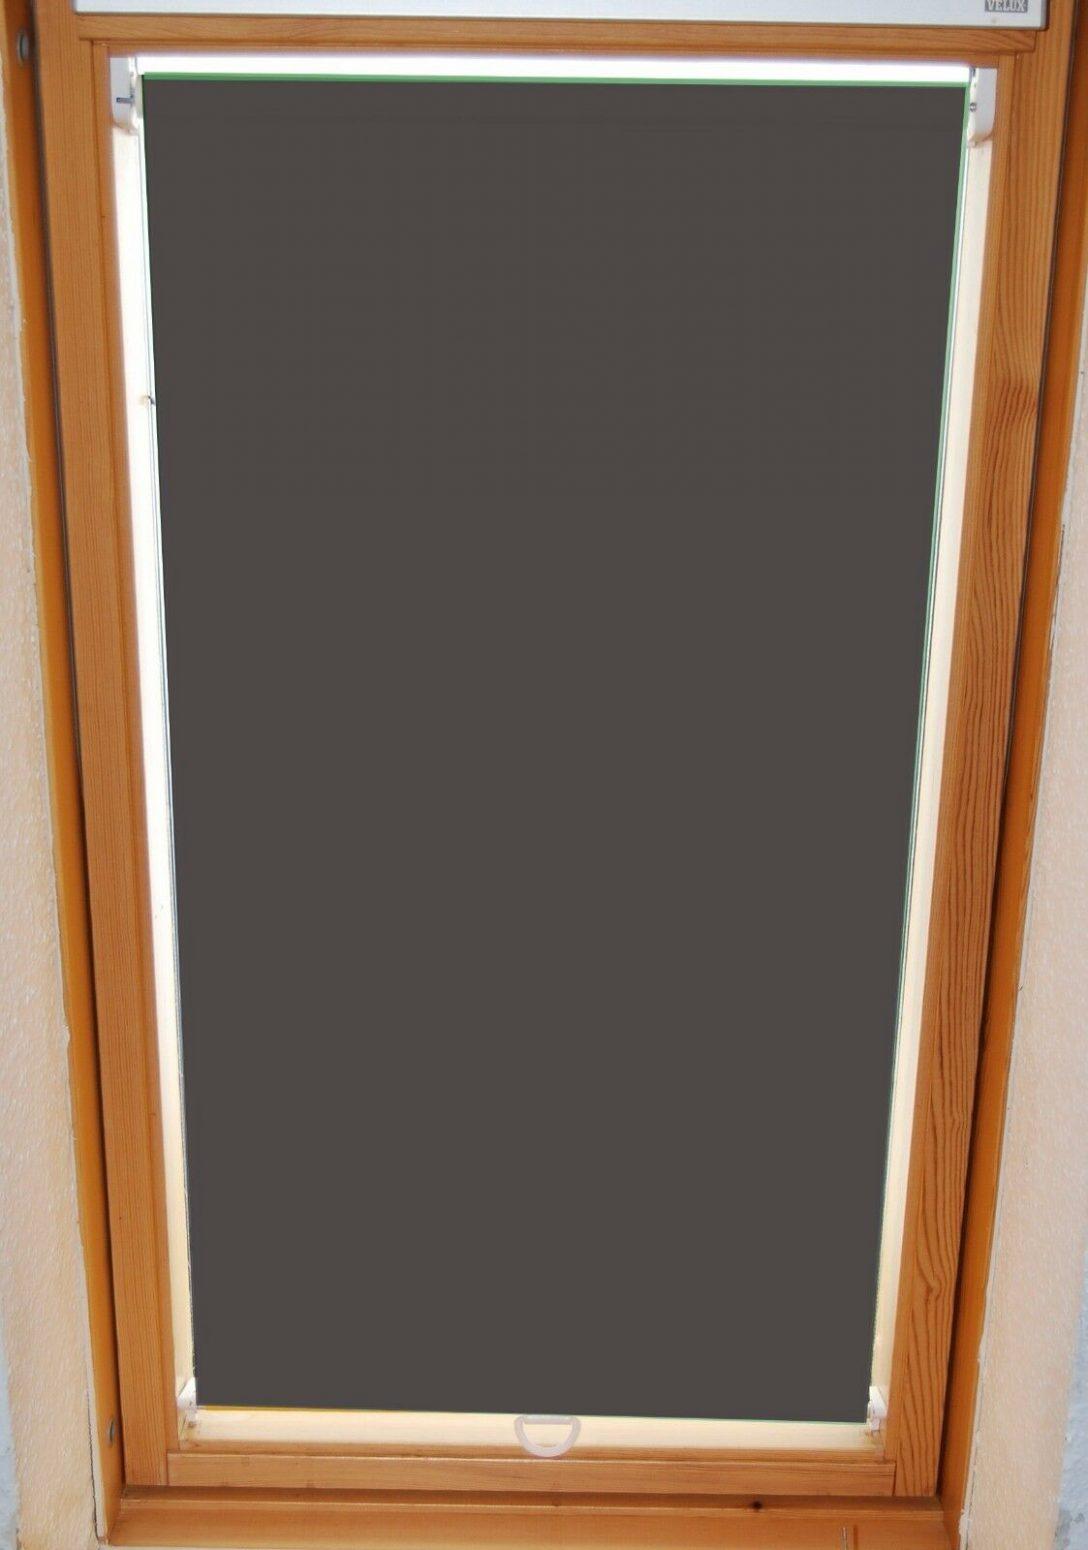 Large Size of Schräge Fenster Abdunkeln Veka Drutex Test Wärmeschutzfolie Reinigen Winkhaus Regal Für Dachschräge Rostock Velux Kaufen Rollos Rehau Zwangsbelüftung Fenster Schräge Fenster Abdunkeln